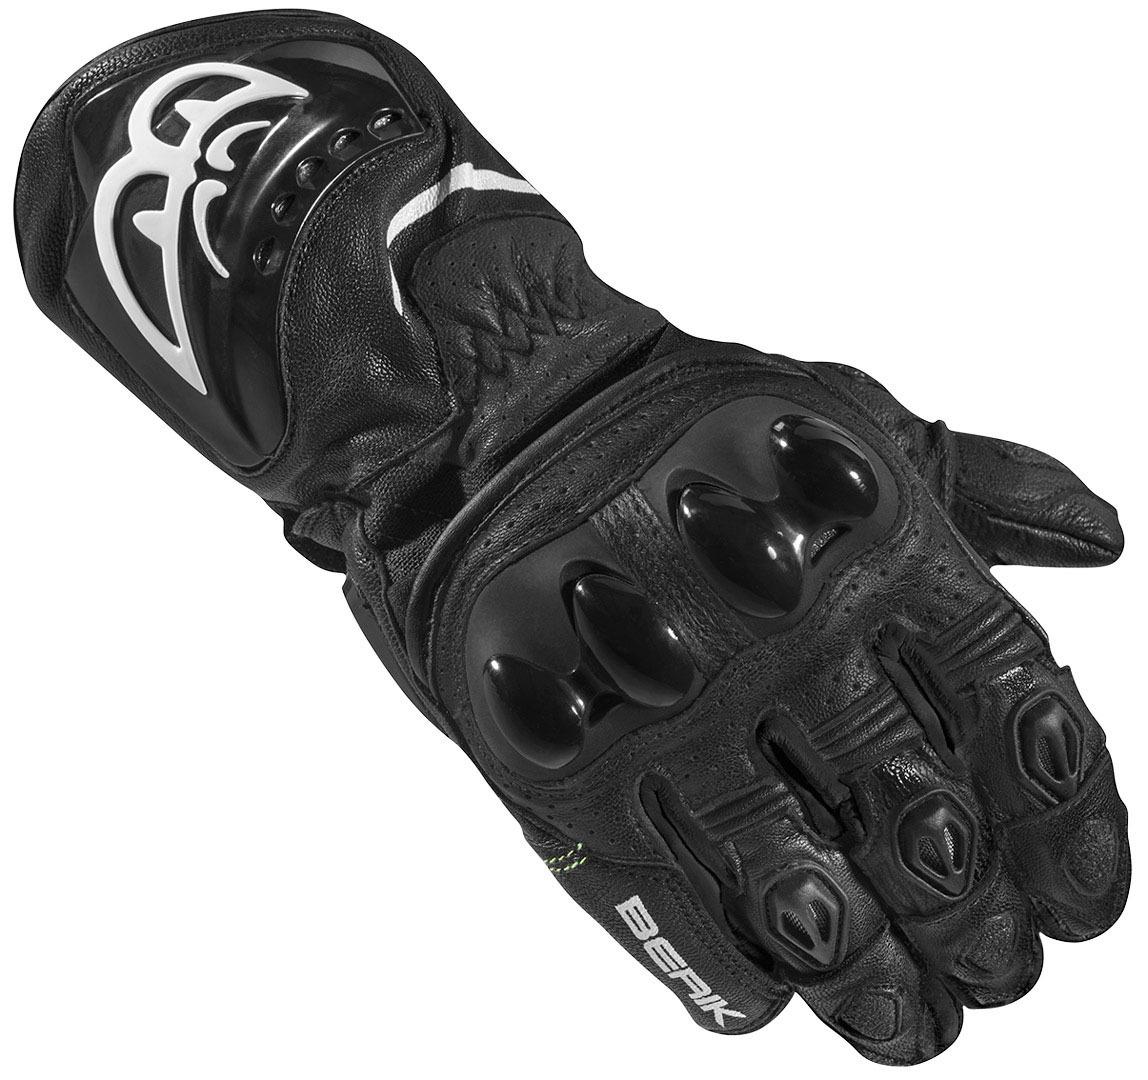 Berik Spa Evo Motorradhandschuhe, schwarz, Größe XS, schwarz, Größe XS